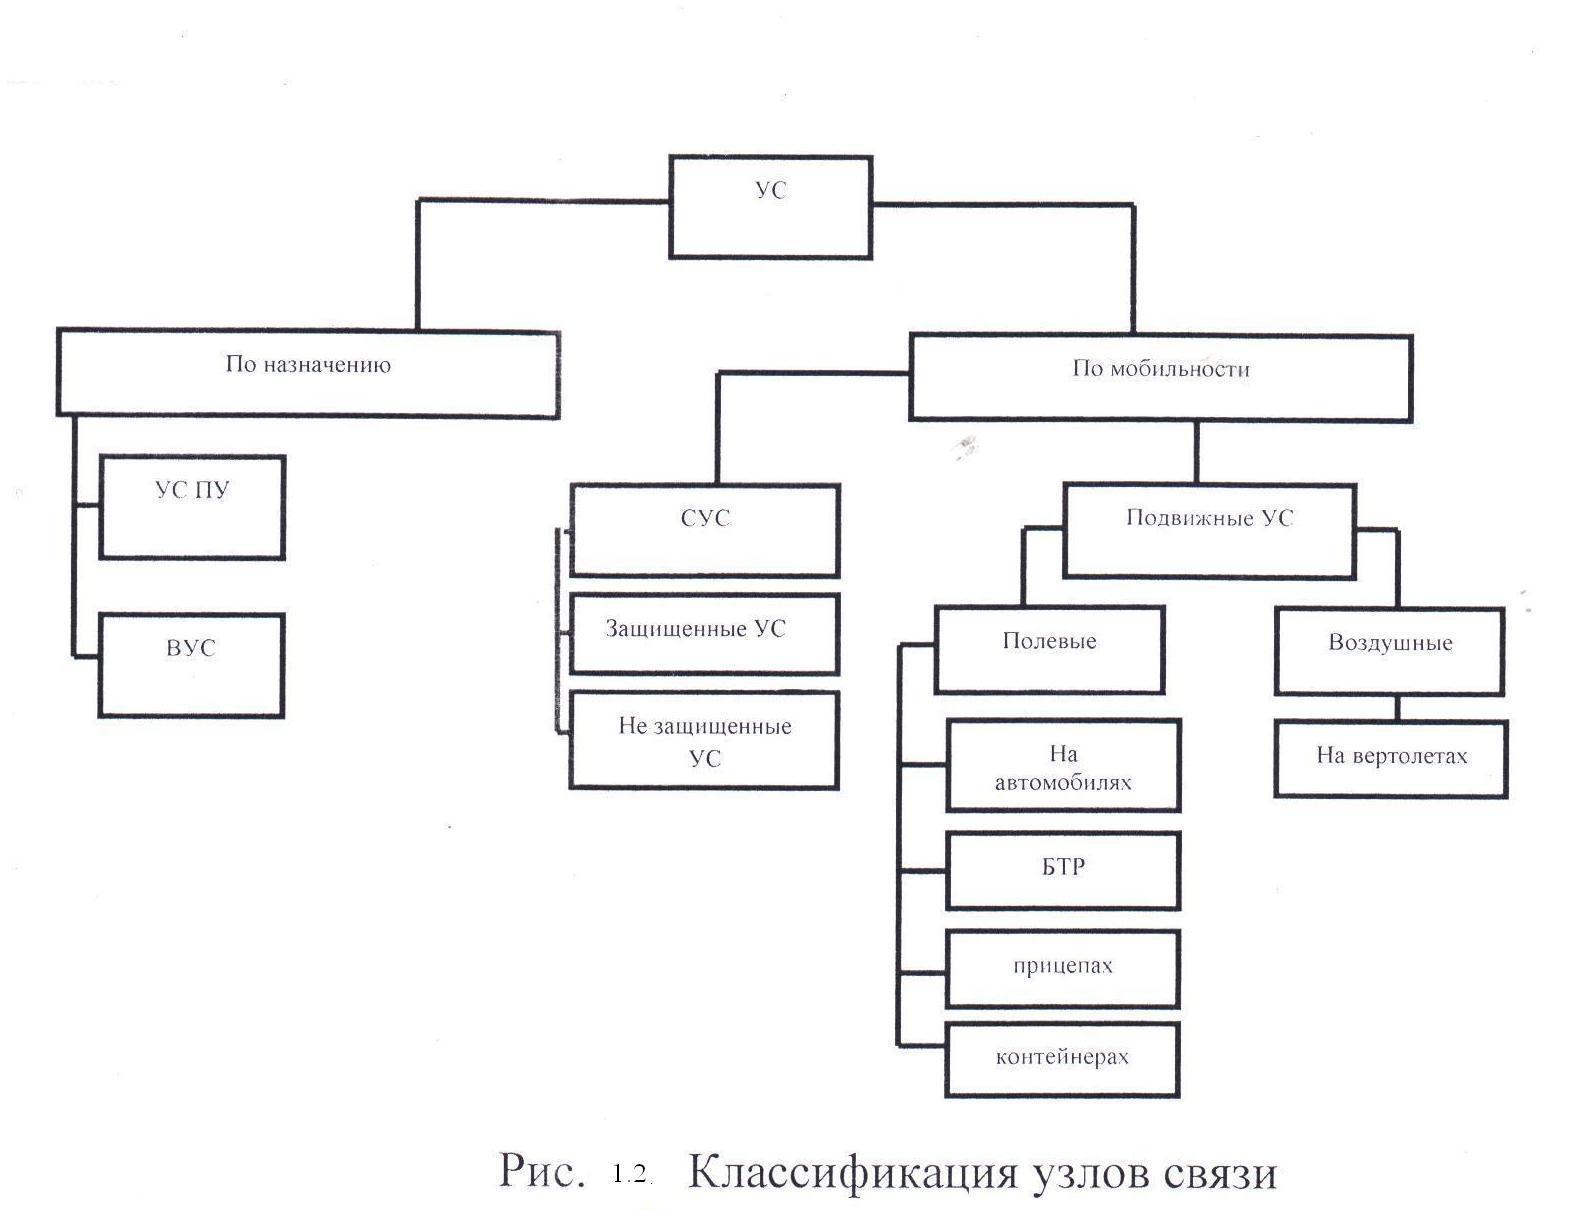 Руководство по эксплуатации полевых узлов связи